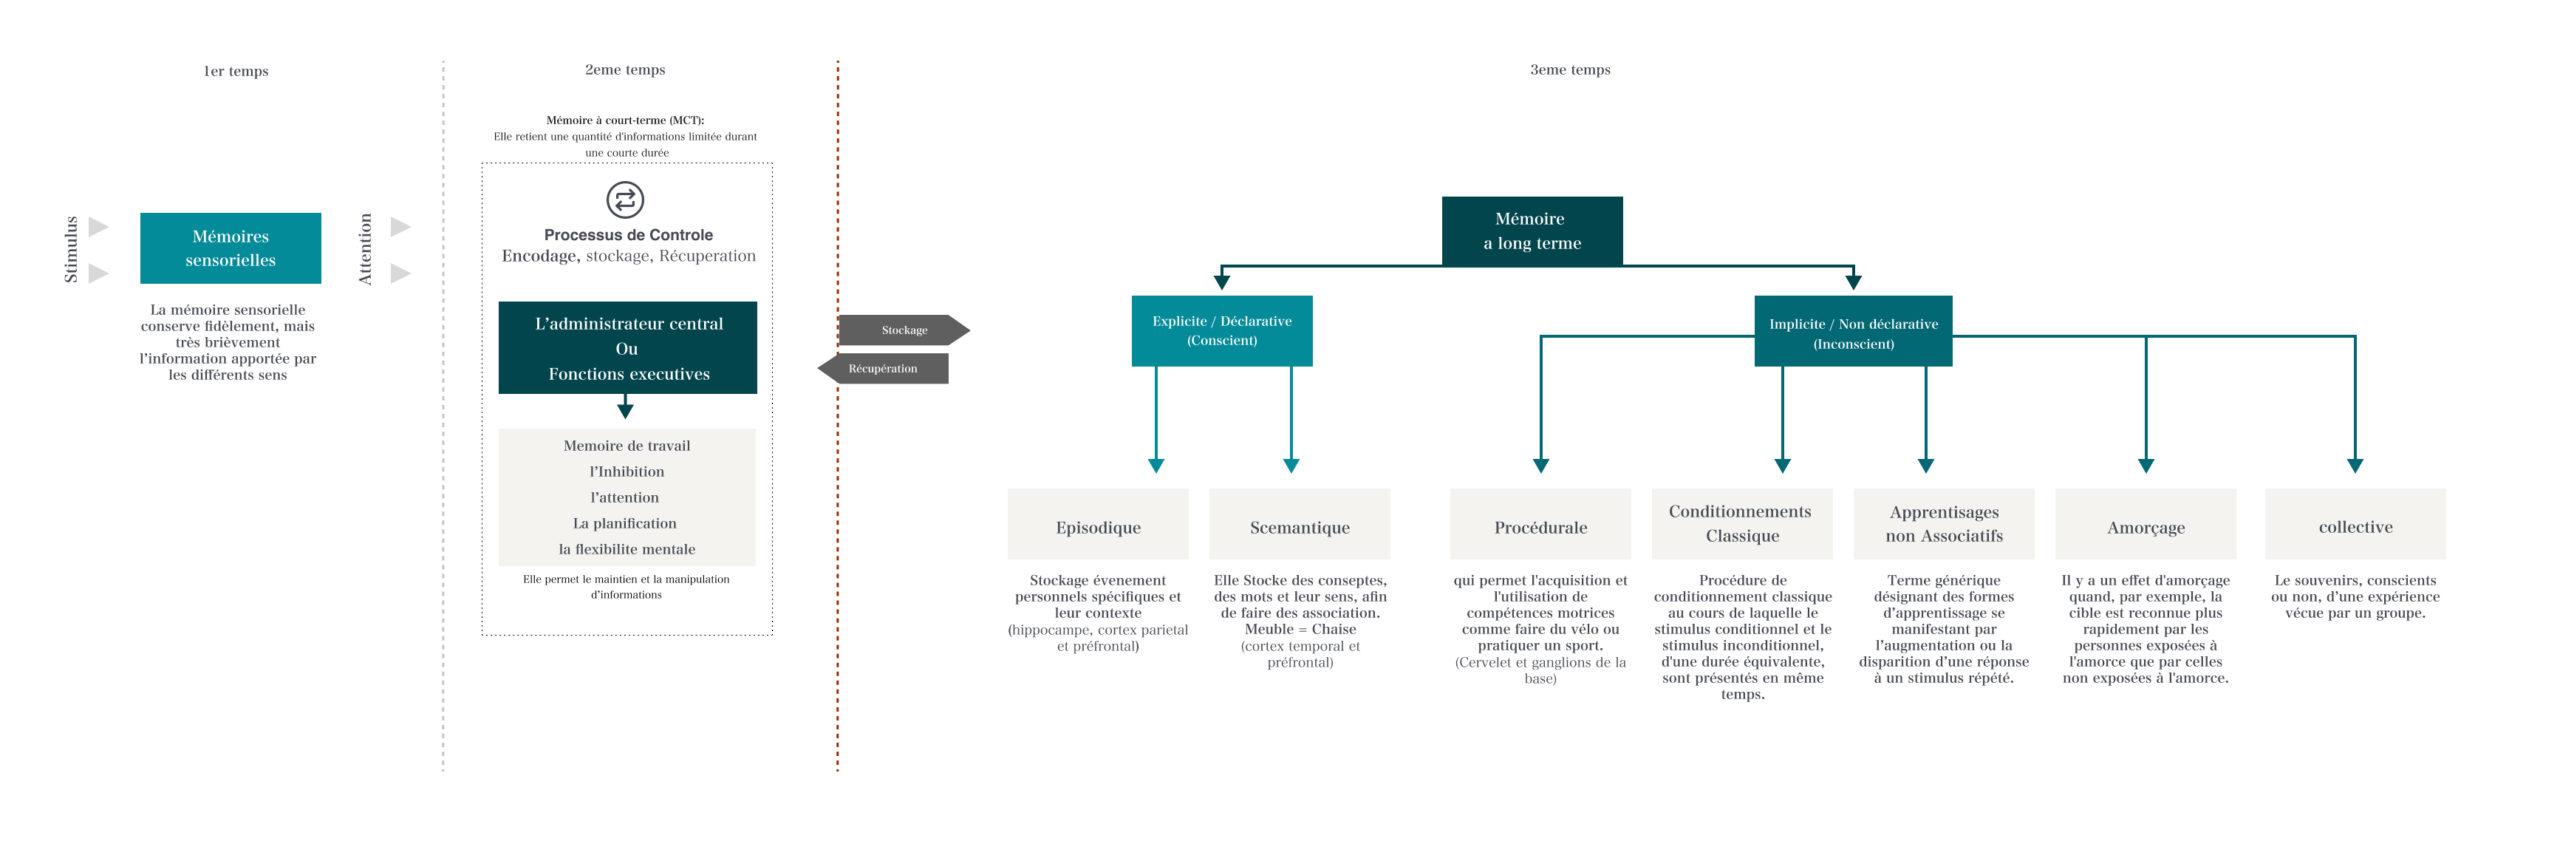 modèle modal de la memoire psychologie cognitive-v1